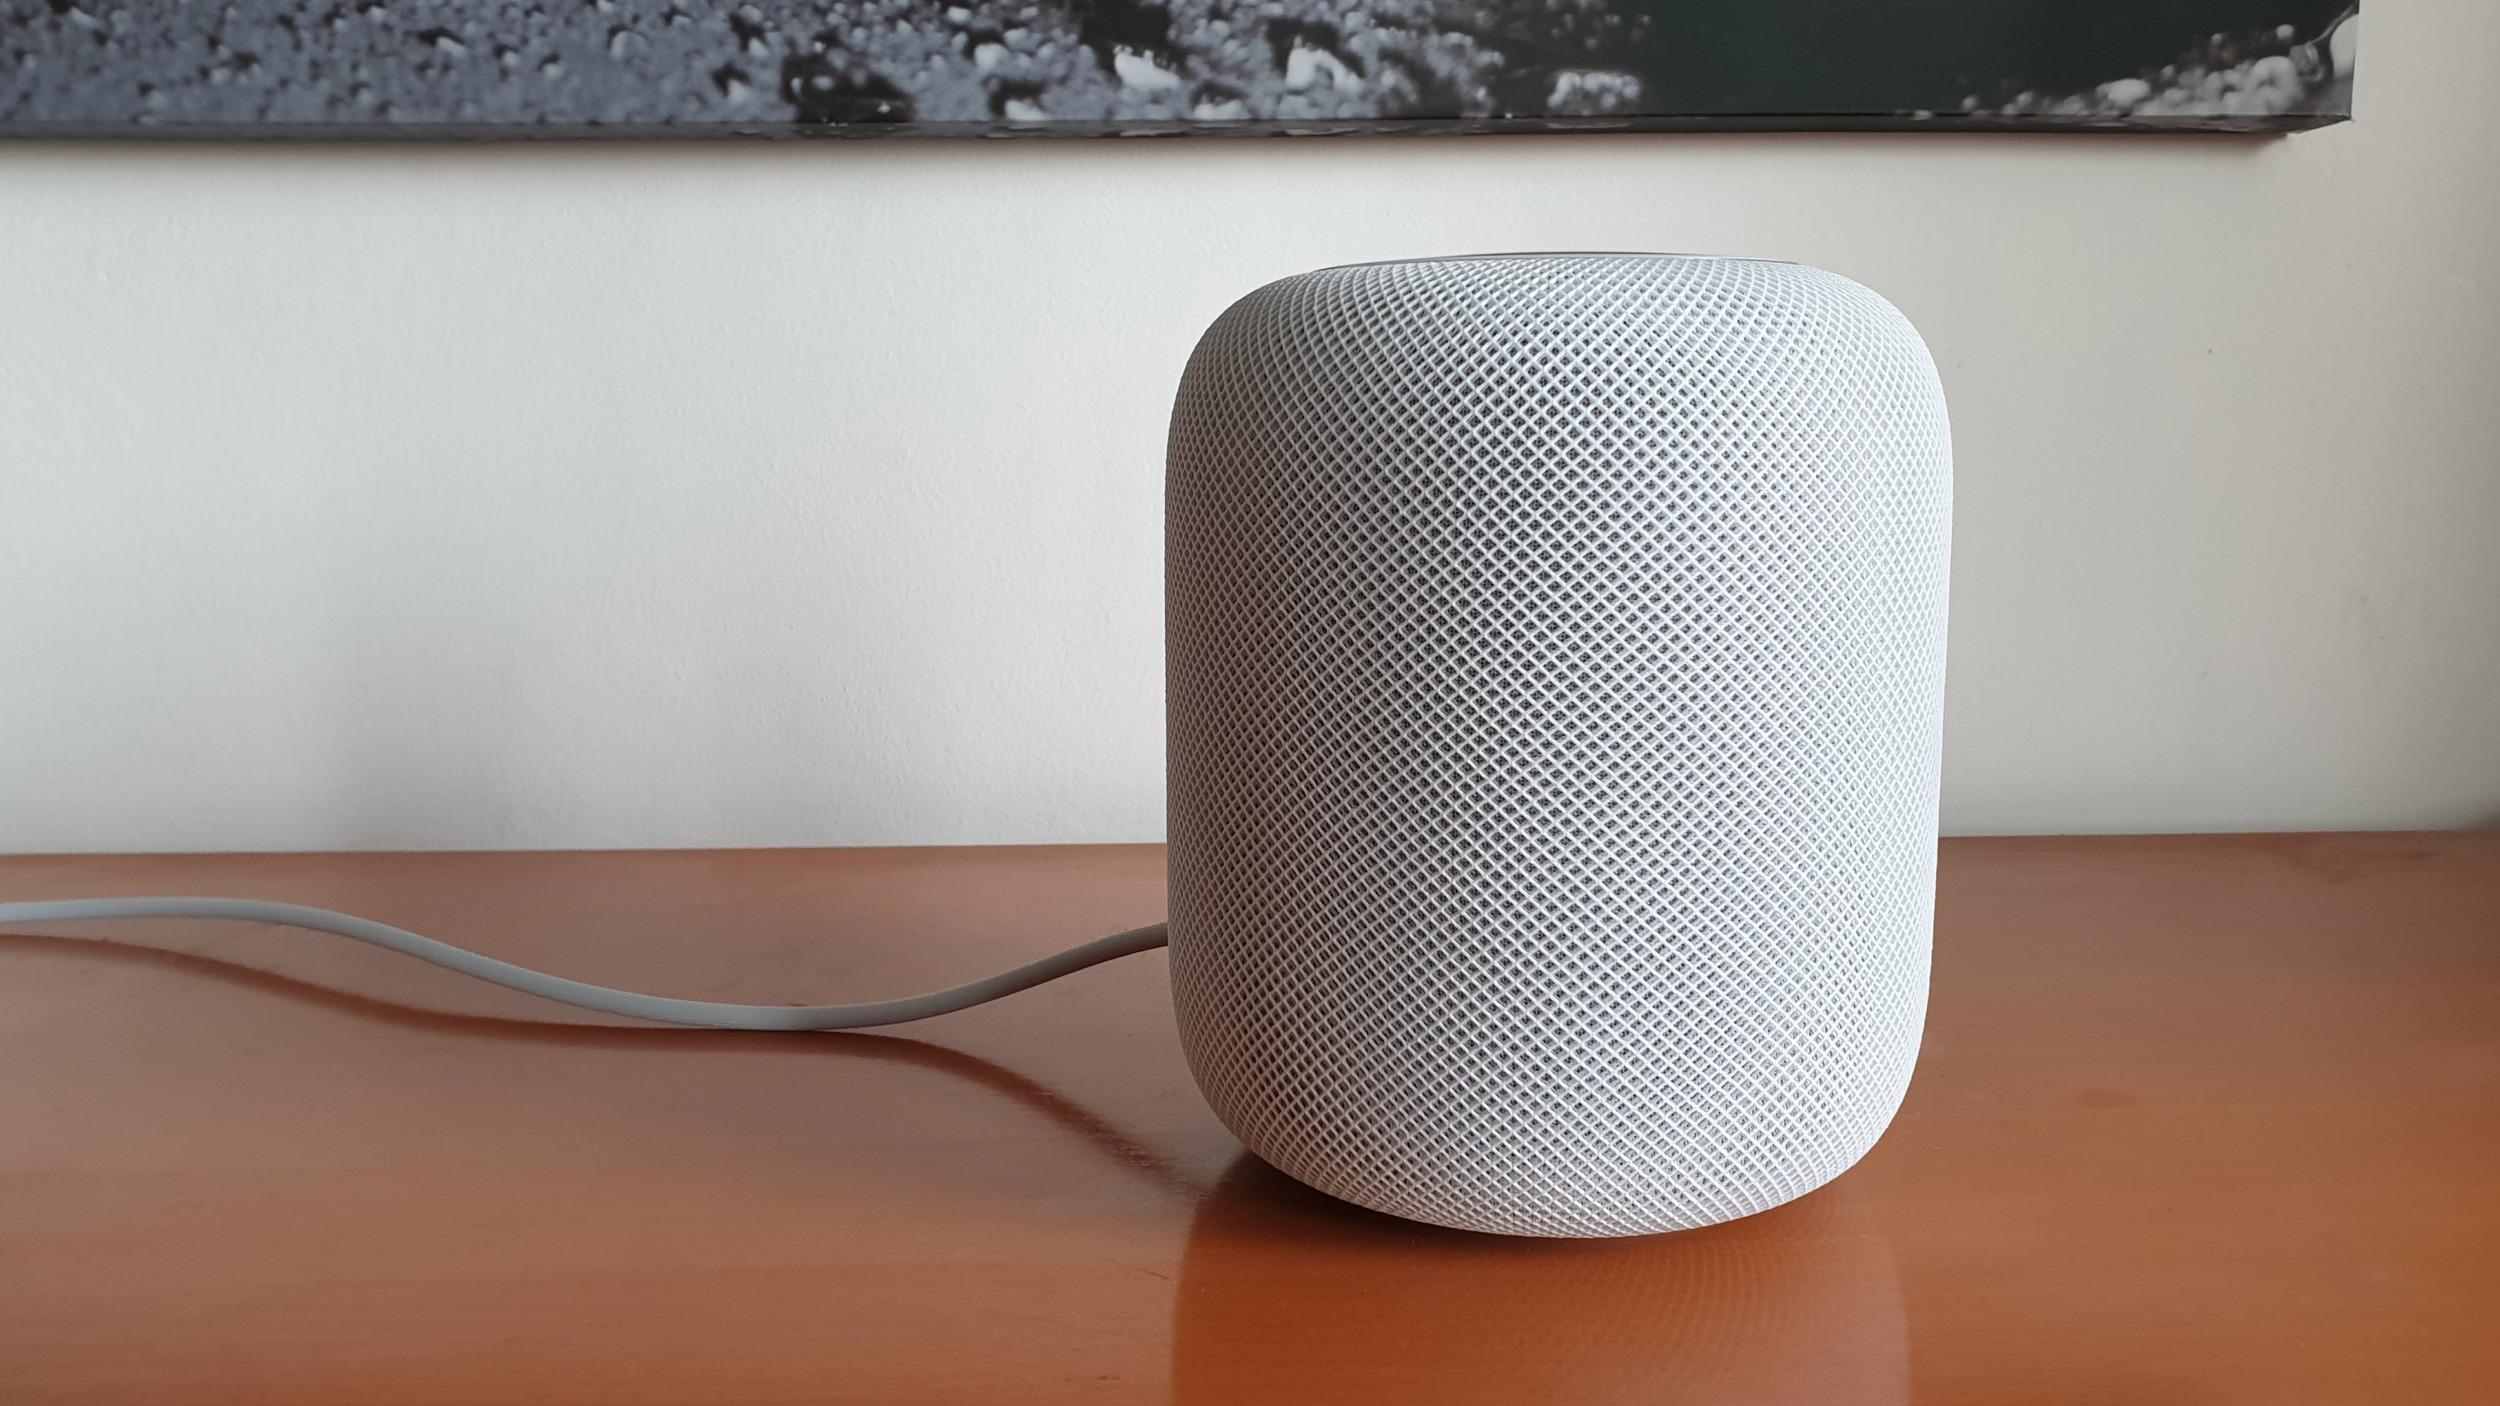 Představení menšího a levnějšího HomePod je na spadnutí